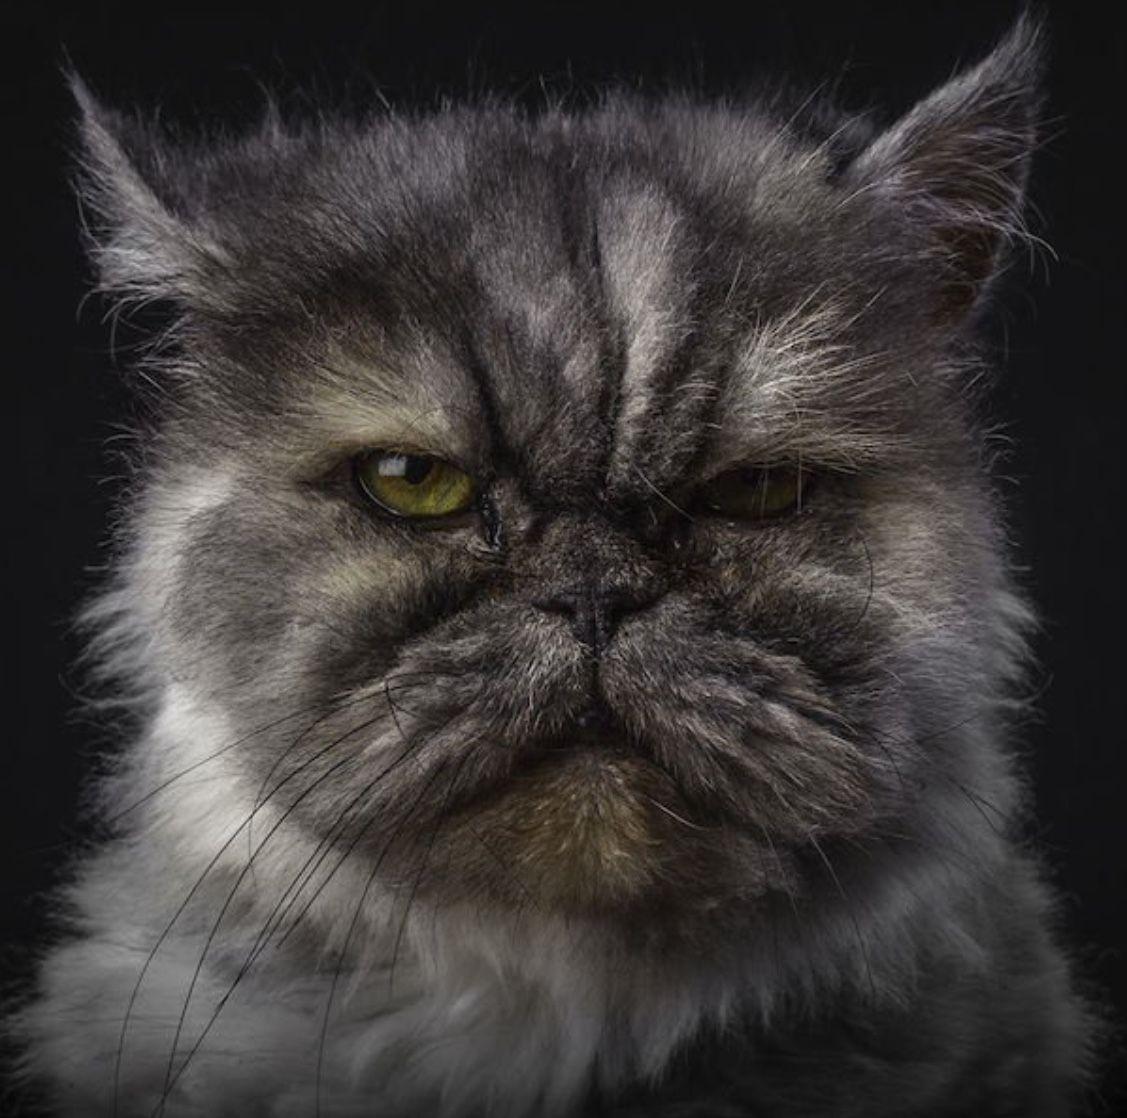 Pin by mermd weinstein on cat shenanigans pinterest cat